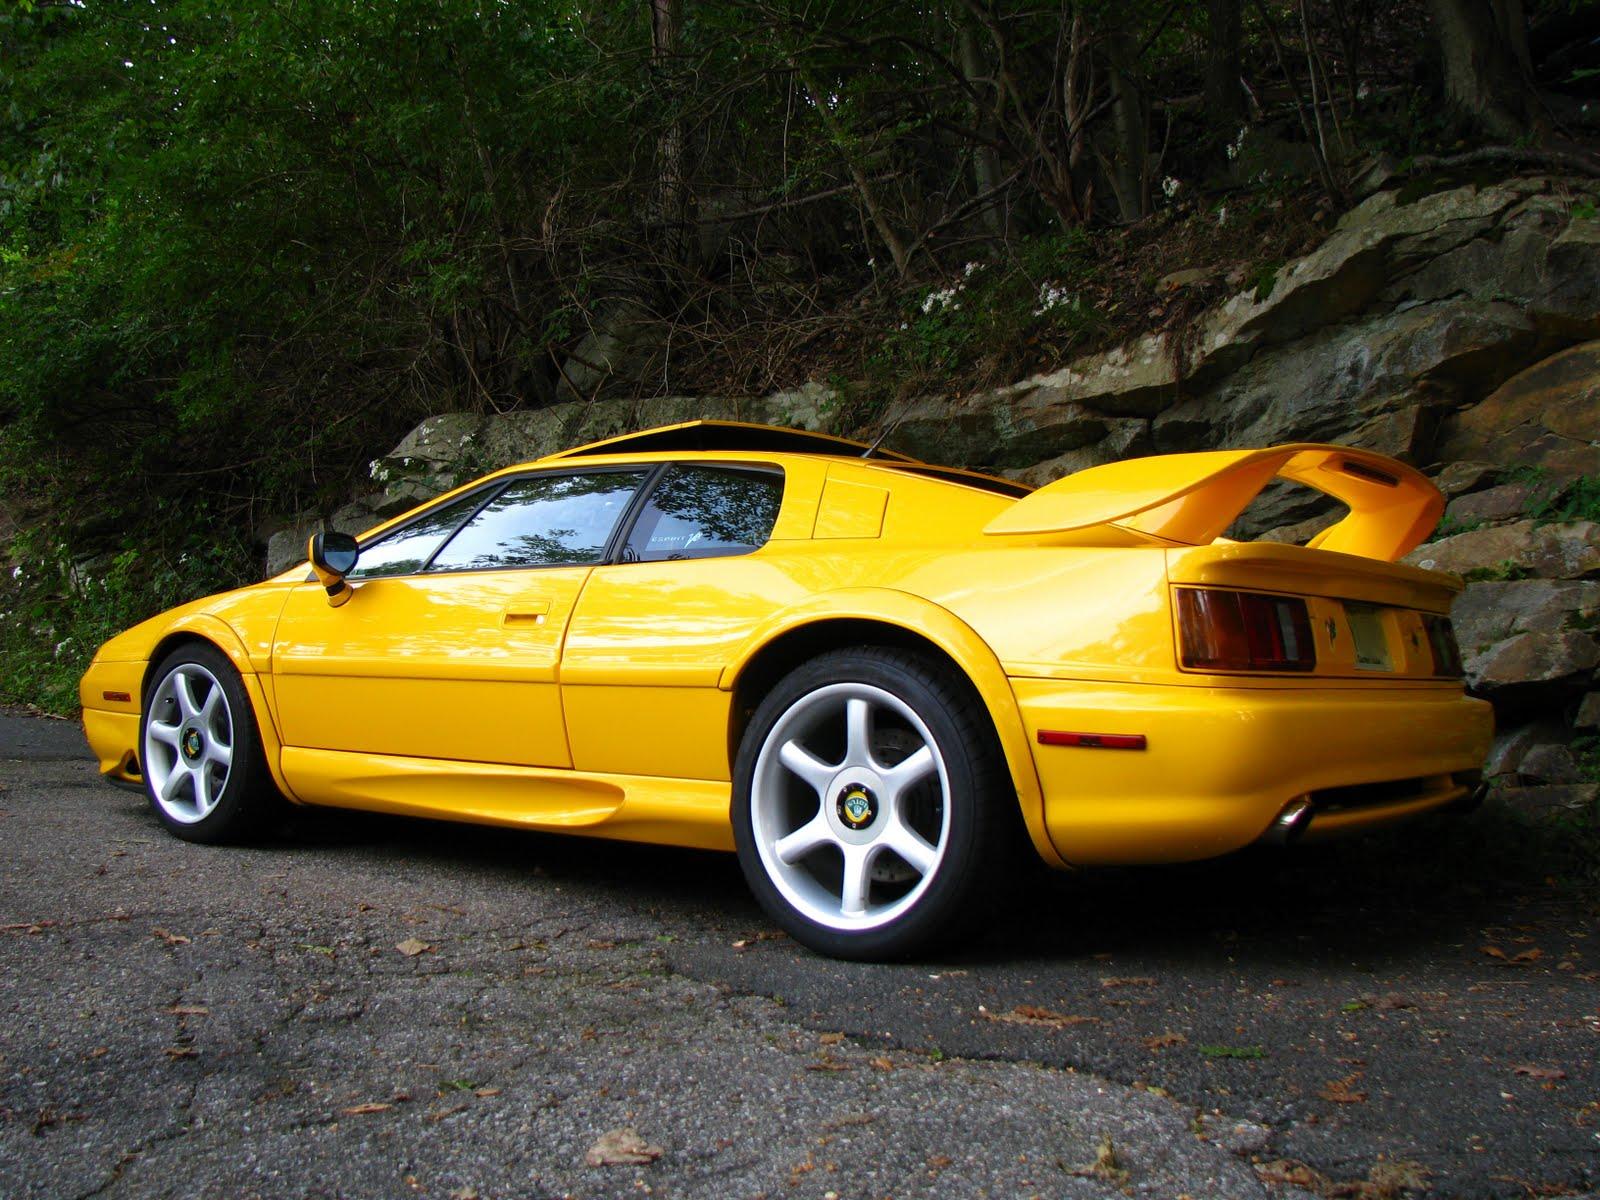 2000 lotus esprit v8 twin turbo us 33 500 lotustalk the lotus cars community